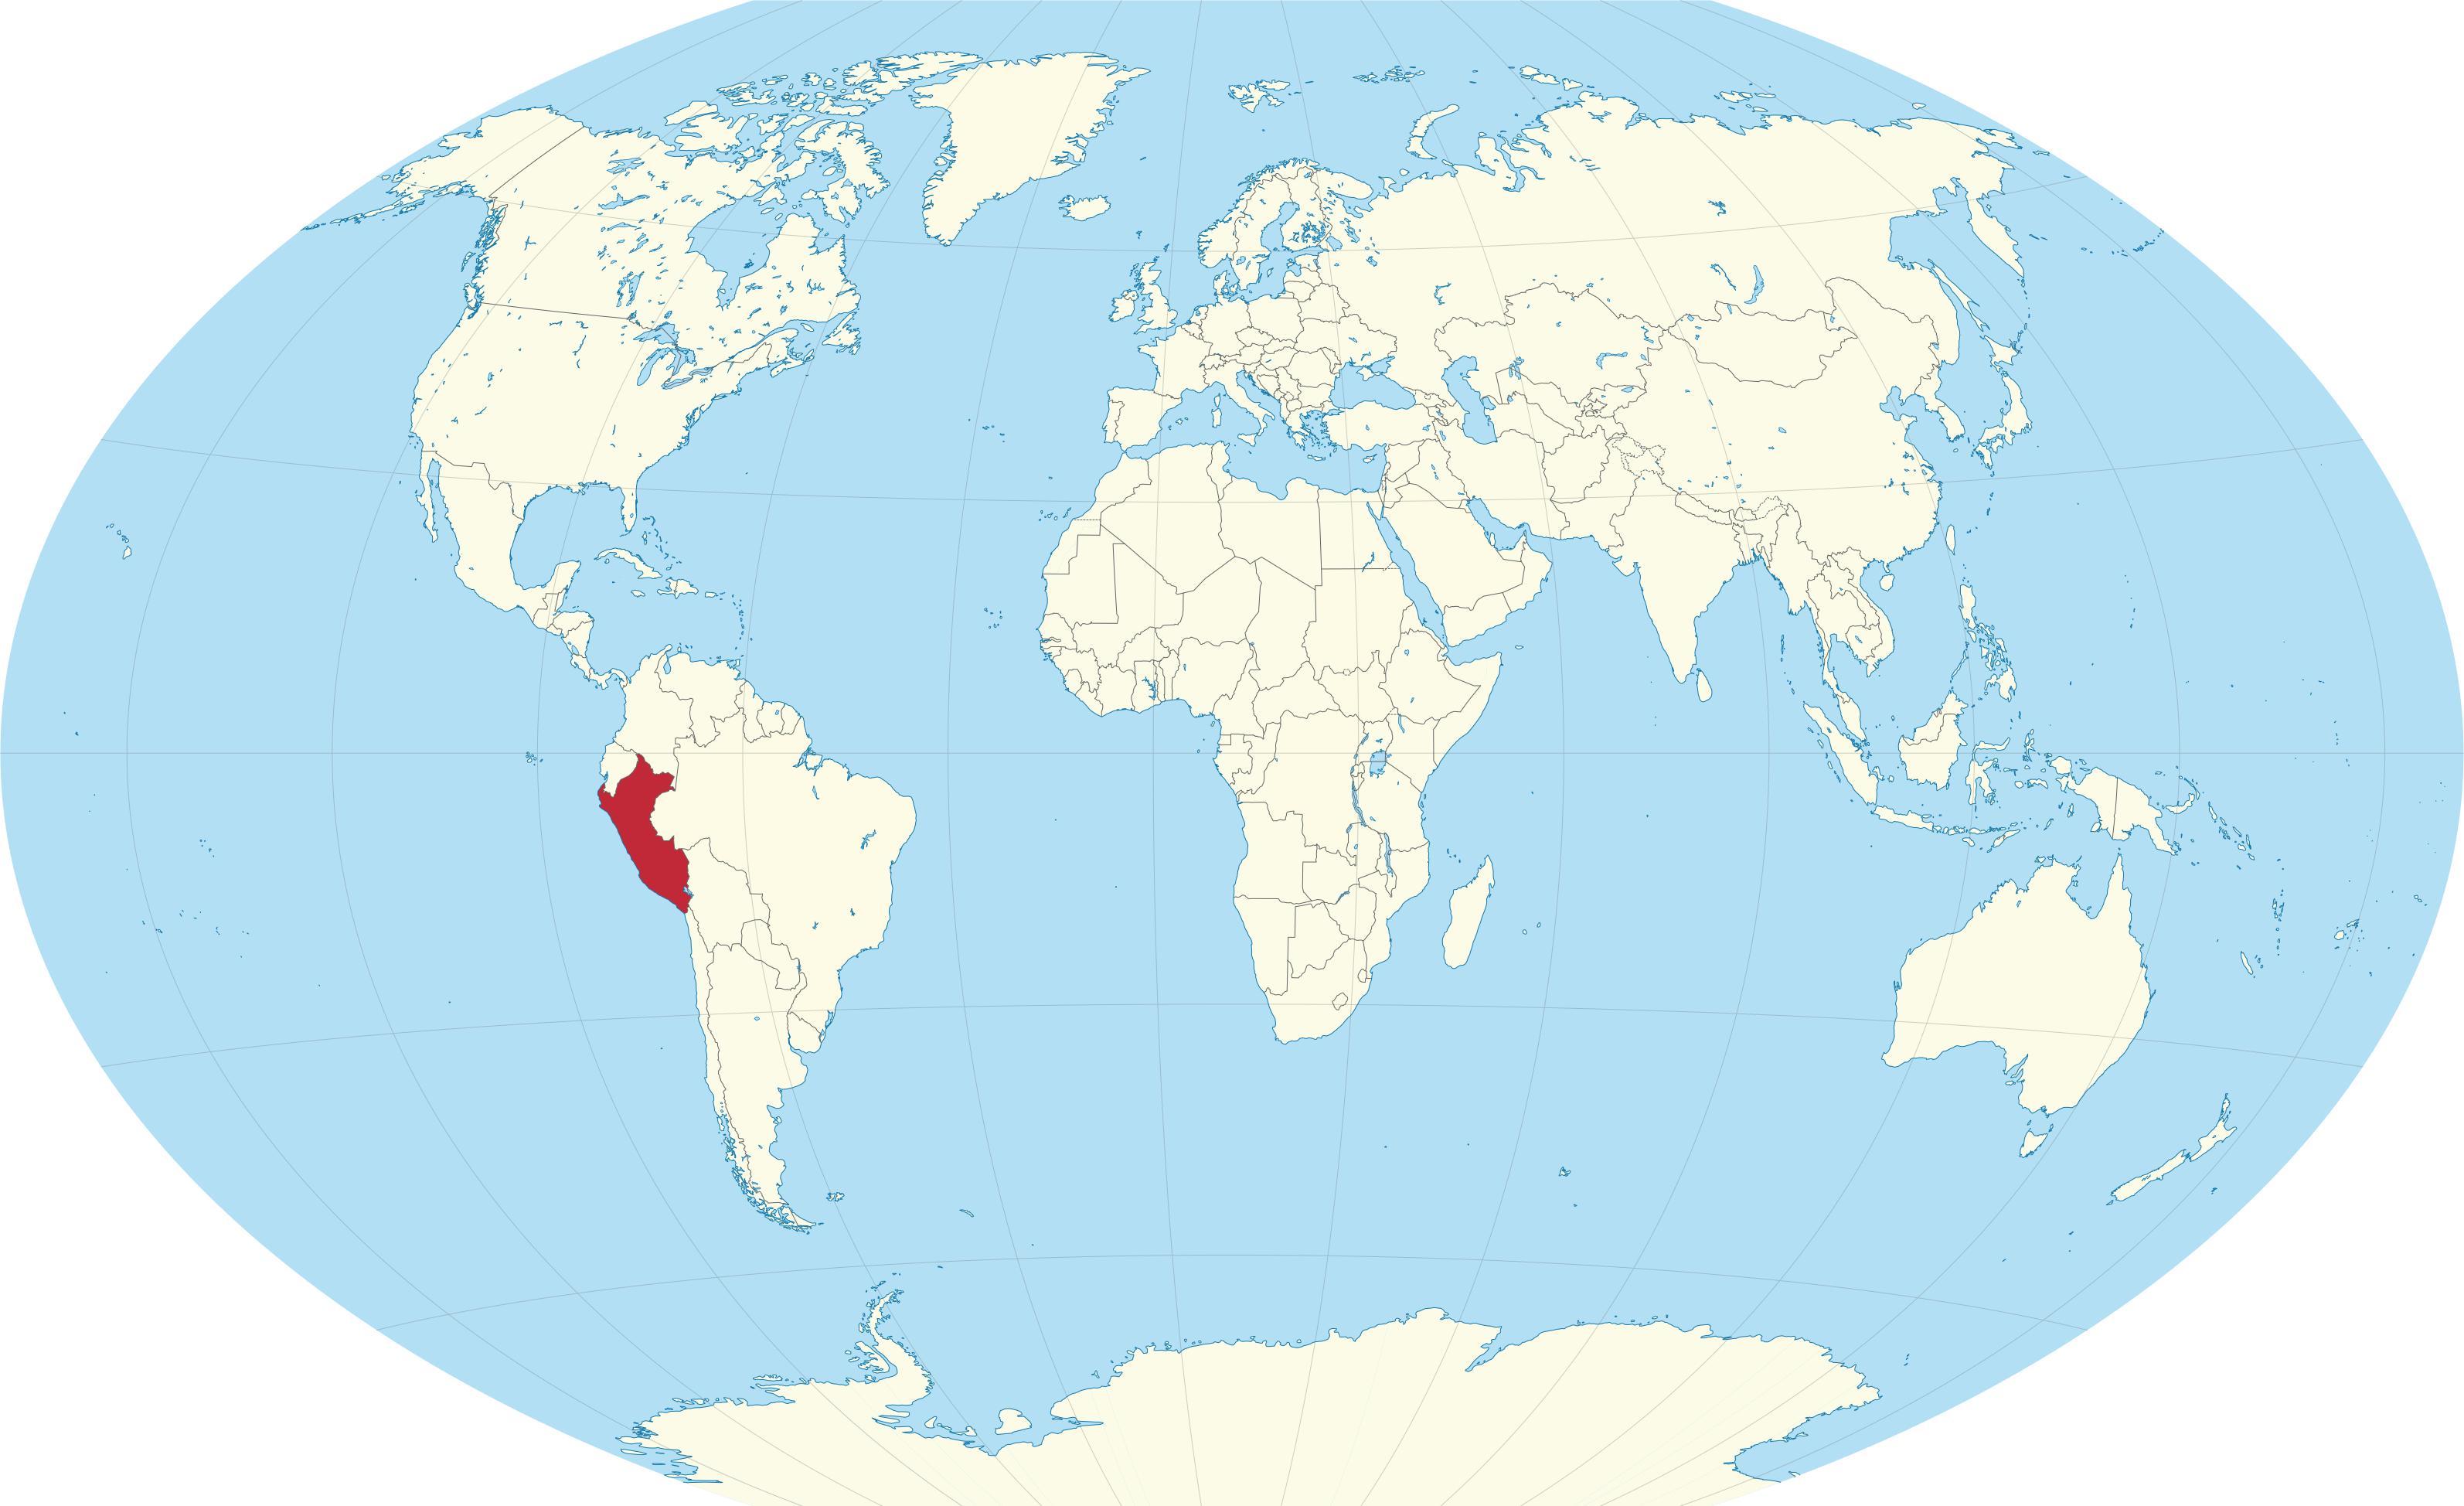 Peru on world map - World map showing Peru (South America - Americas)